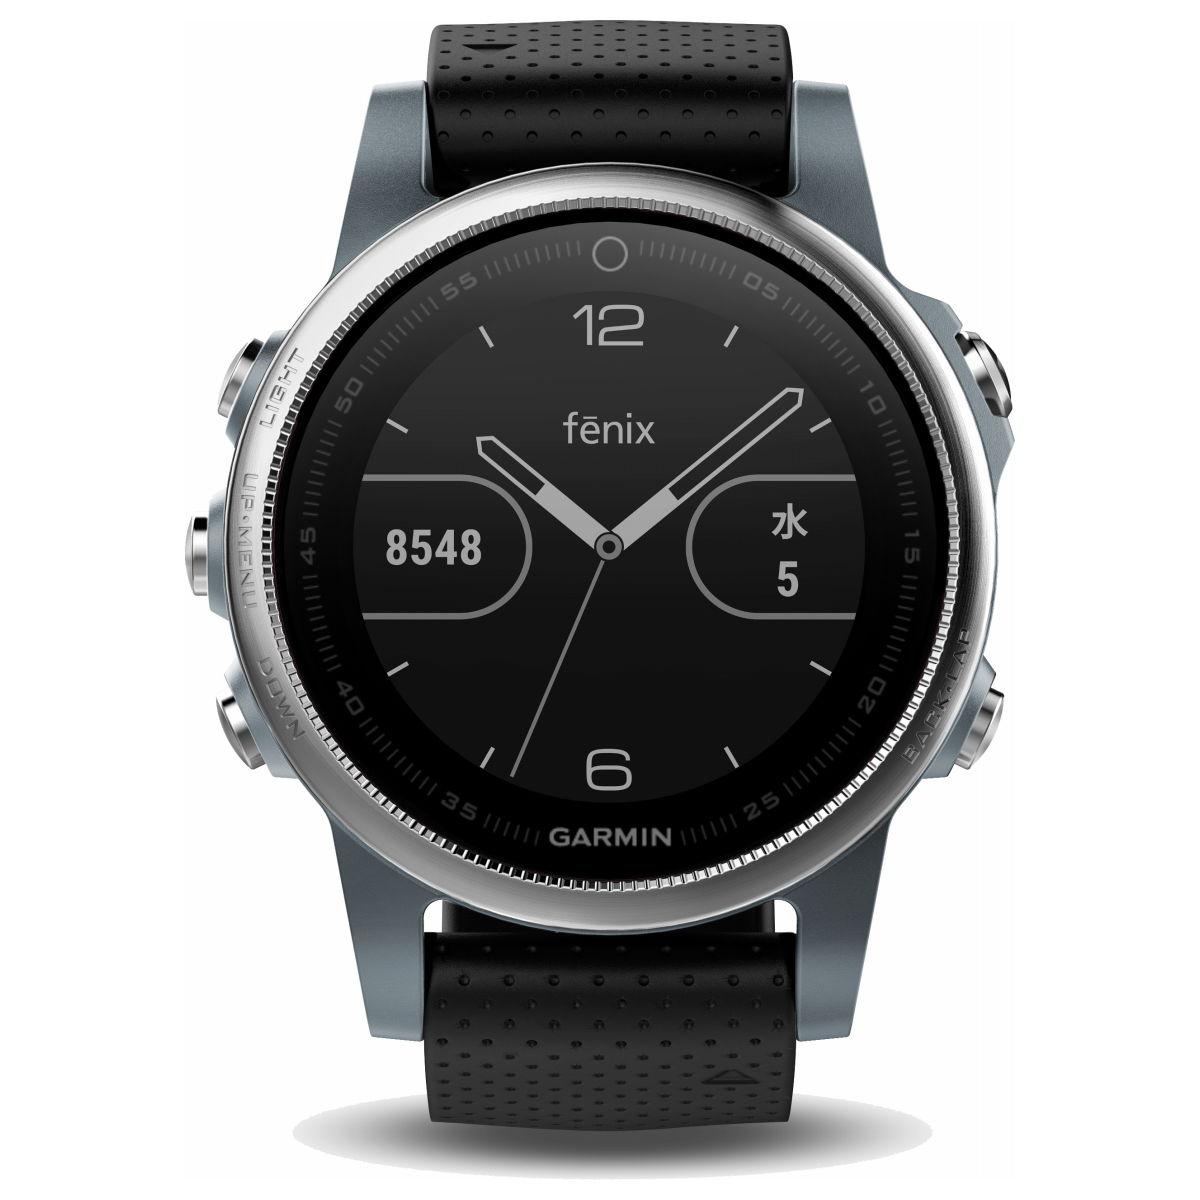 ガーミン GARMIN フェニックス 5S fenix 5S Gray スマートウォッチ ウェアラブル端末 腕時計 メンズ レディース 010-01685-35